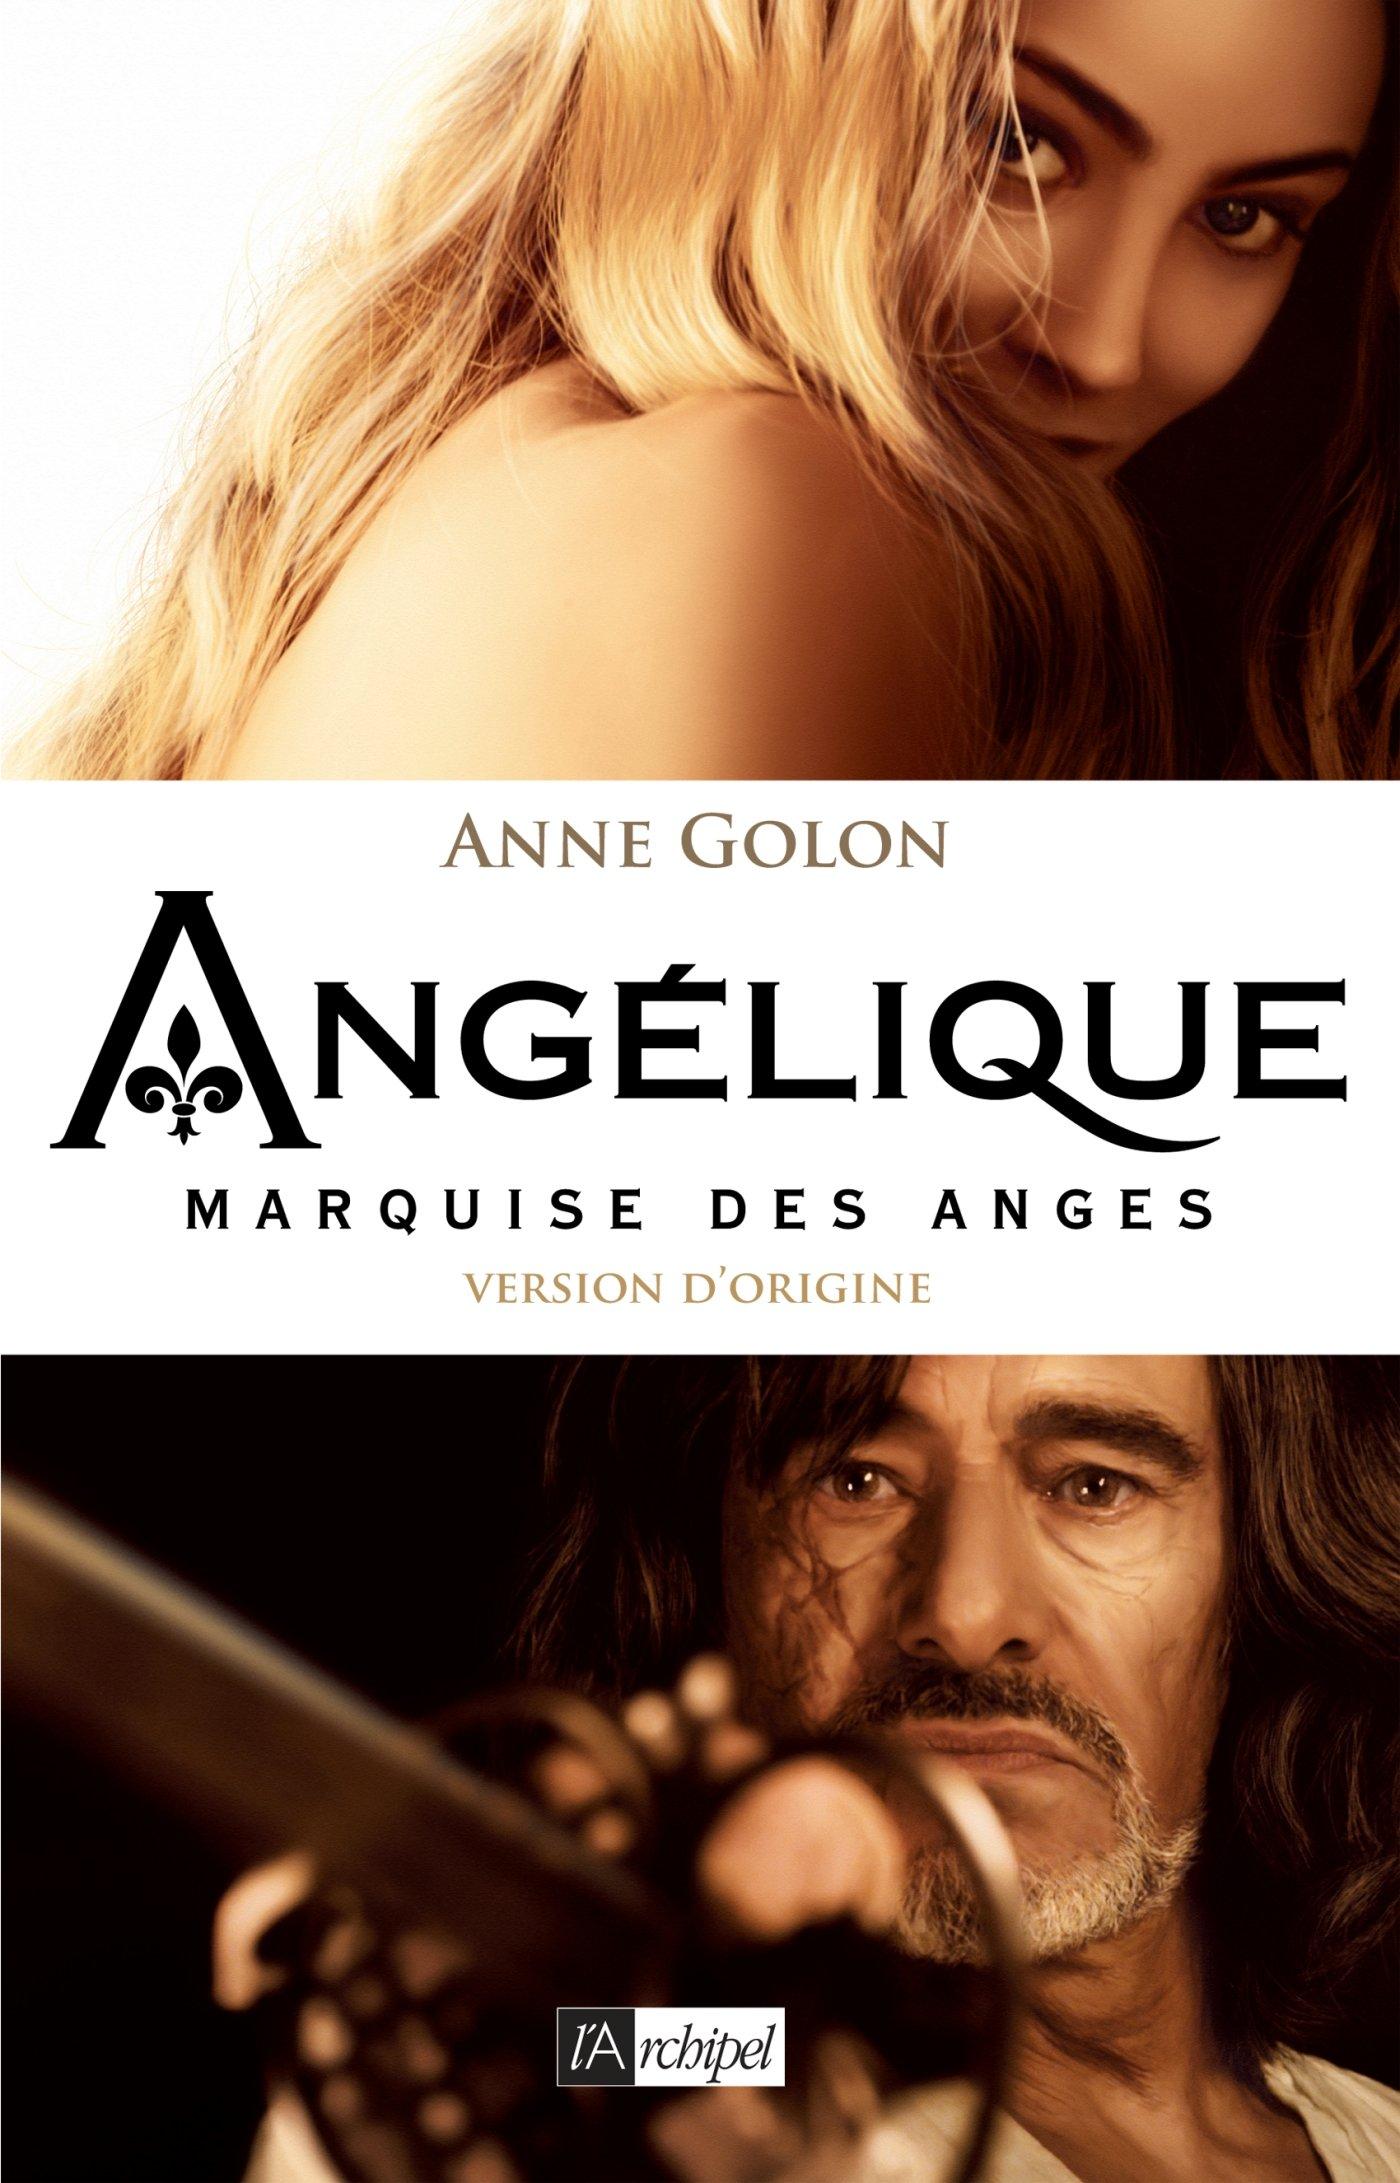 Angélique marquise des anges - L'archipel 2013